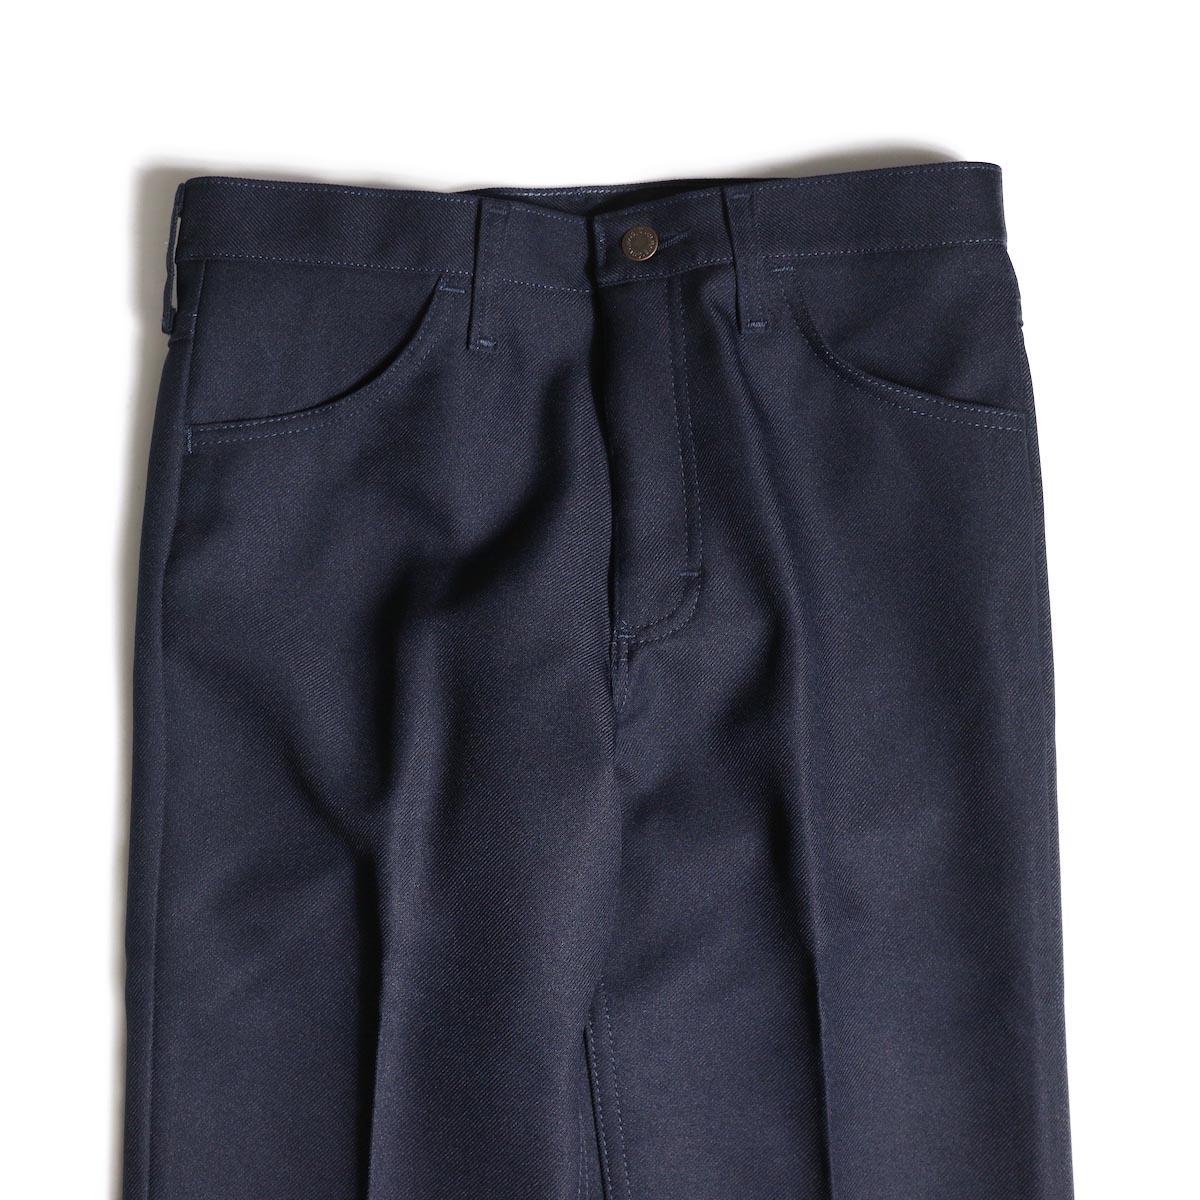 Wrangler / WRANCHER DRESS JEANS (Navy)ウエスト